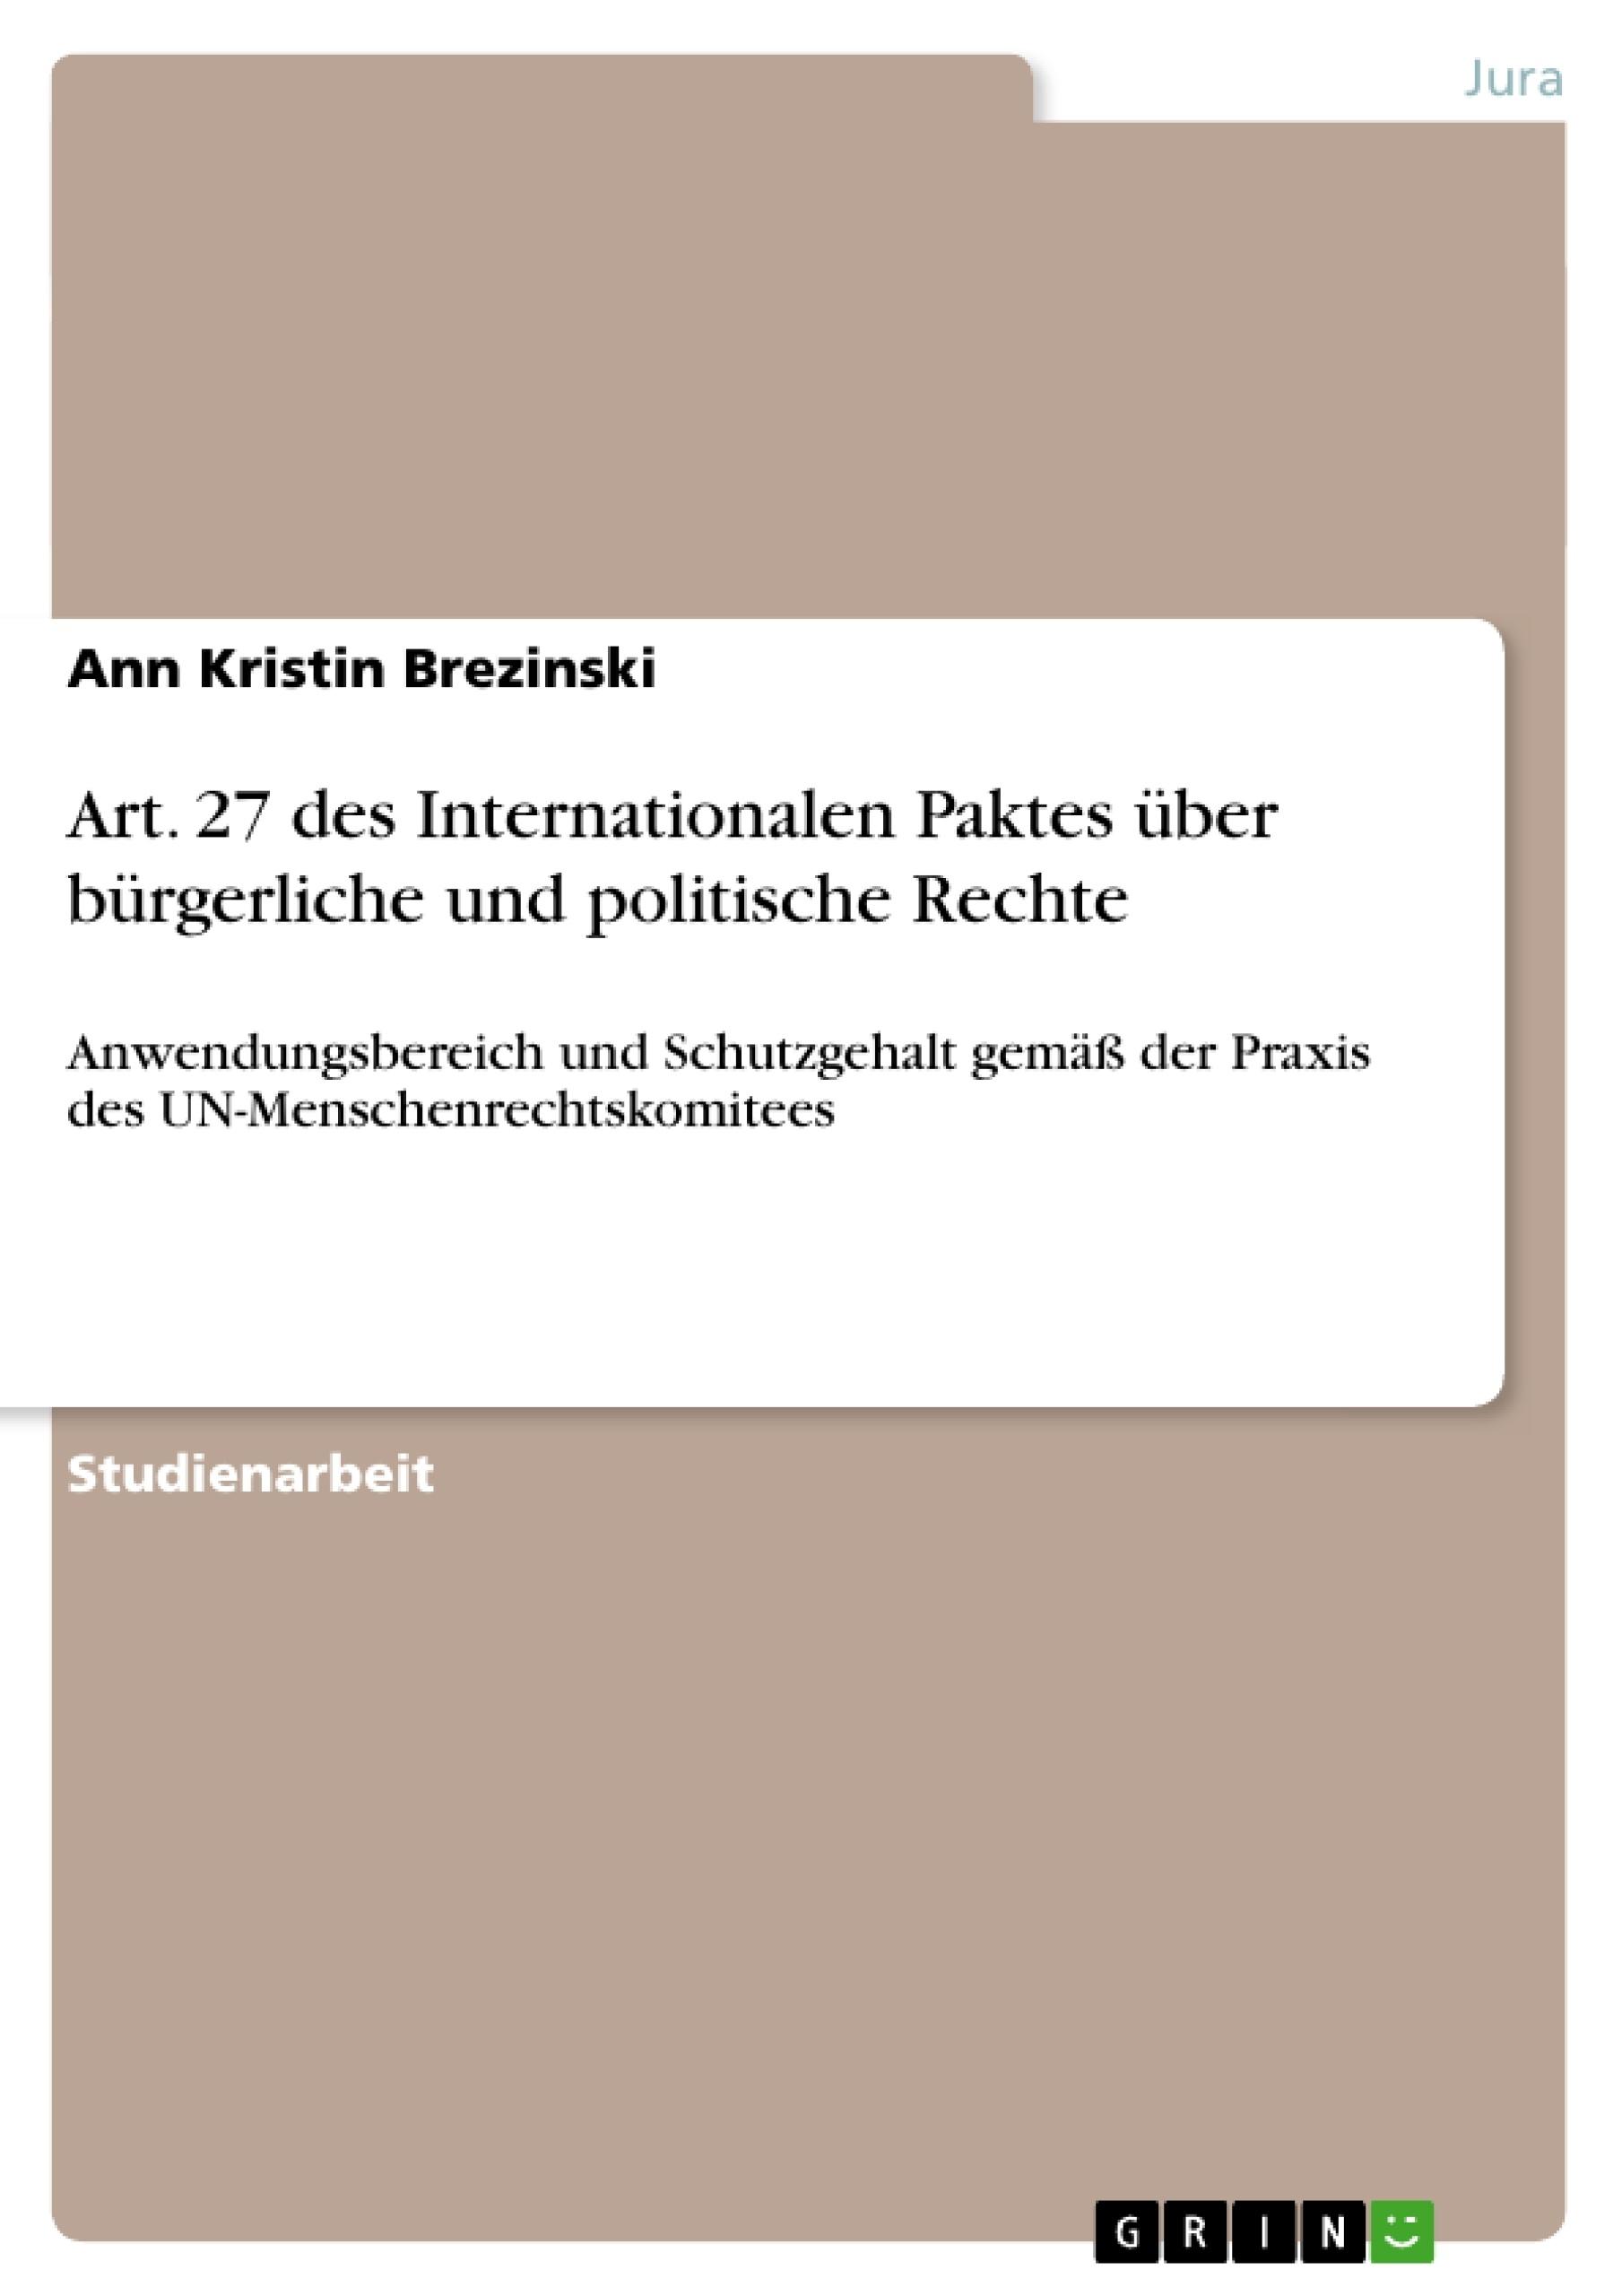 Titel: Art. 27 des Internationalen Paktes über bürgerliche und politische Rechte